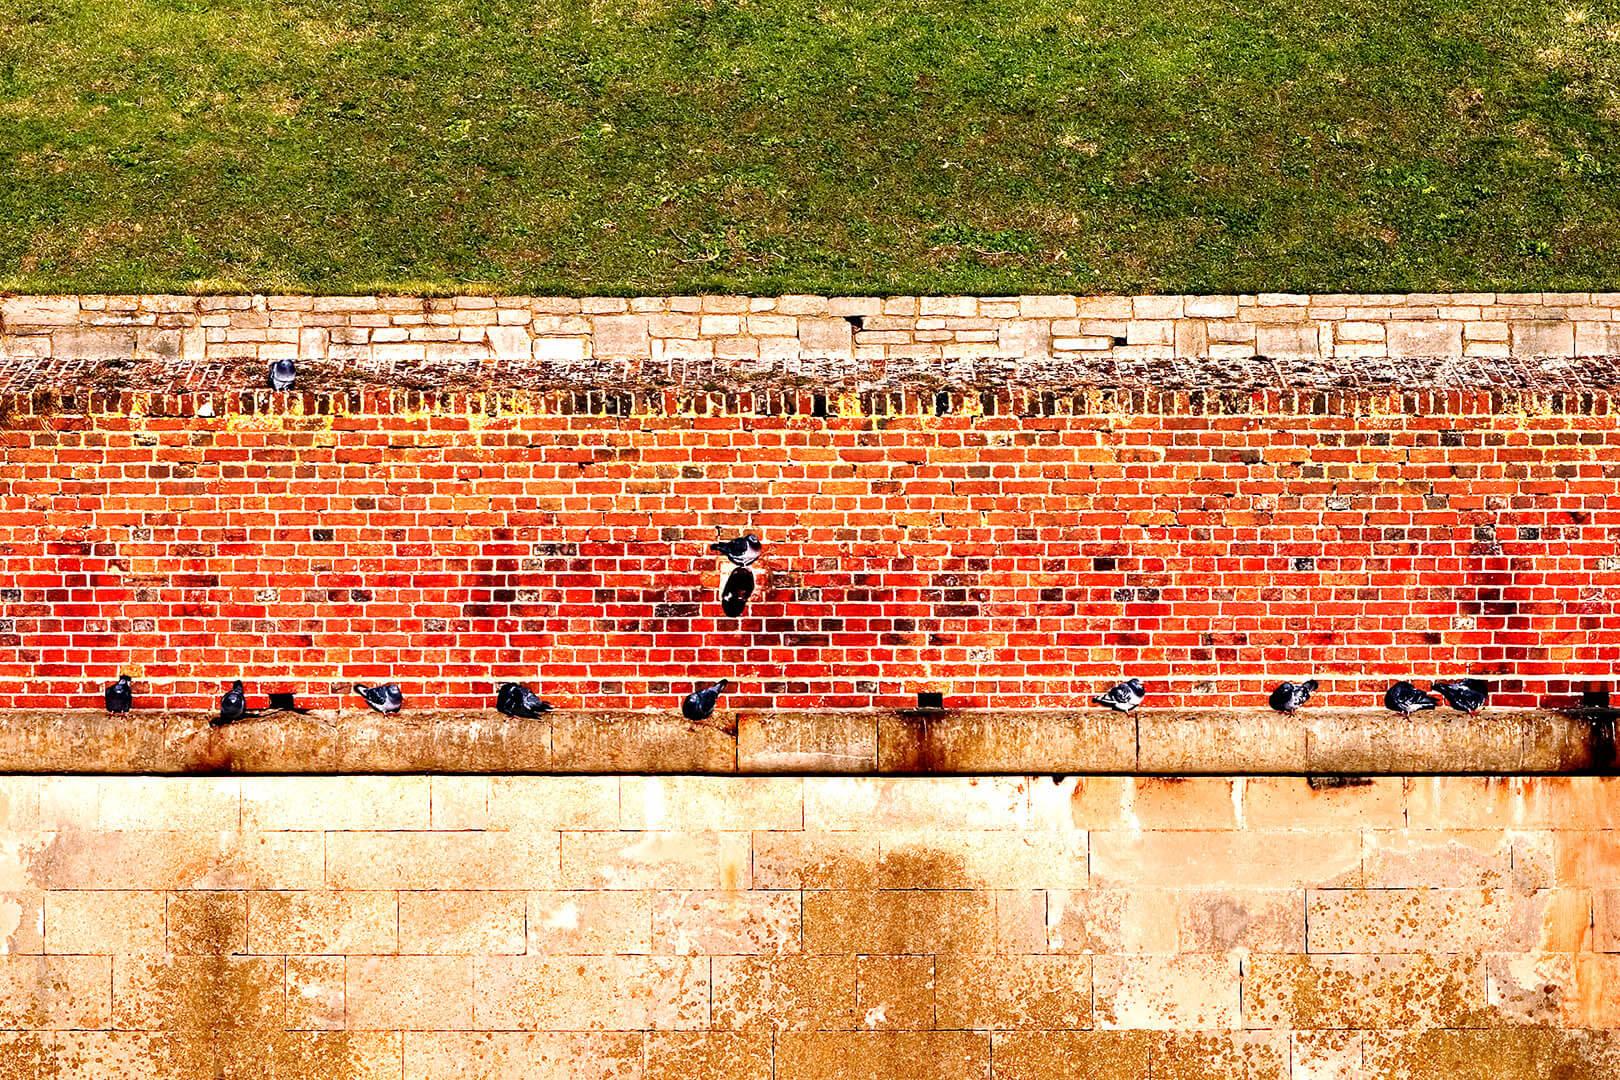 Red Brick Seam